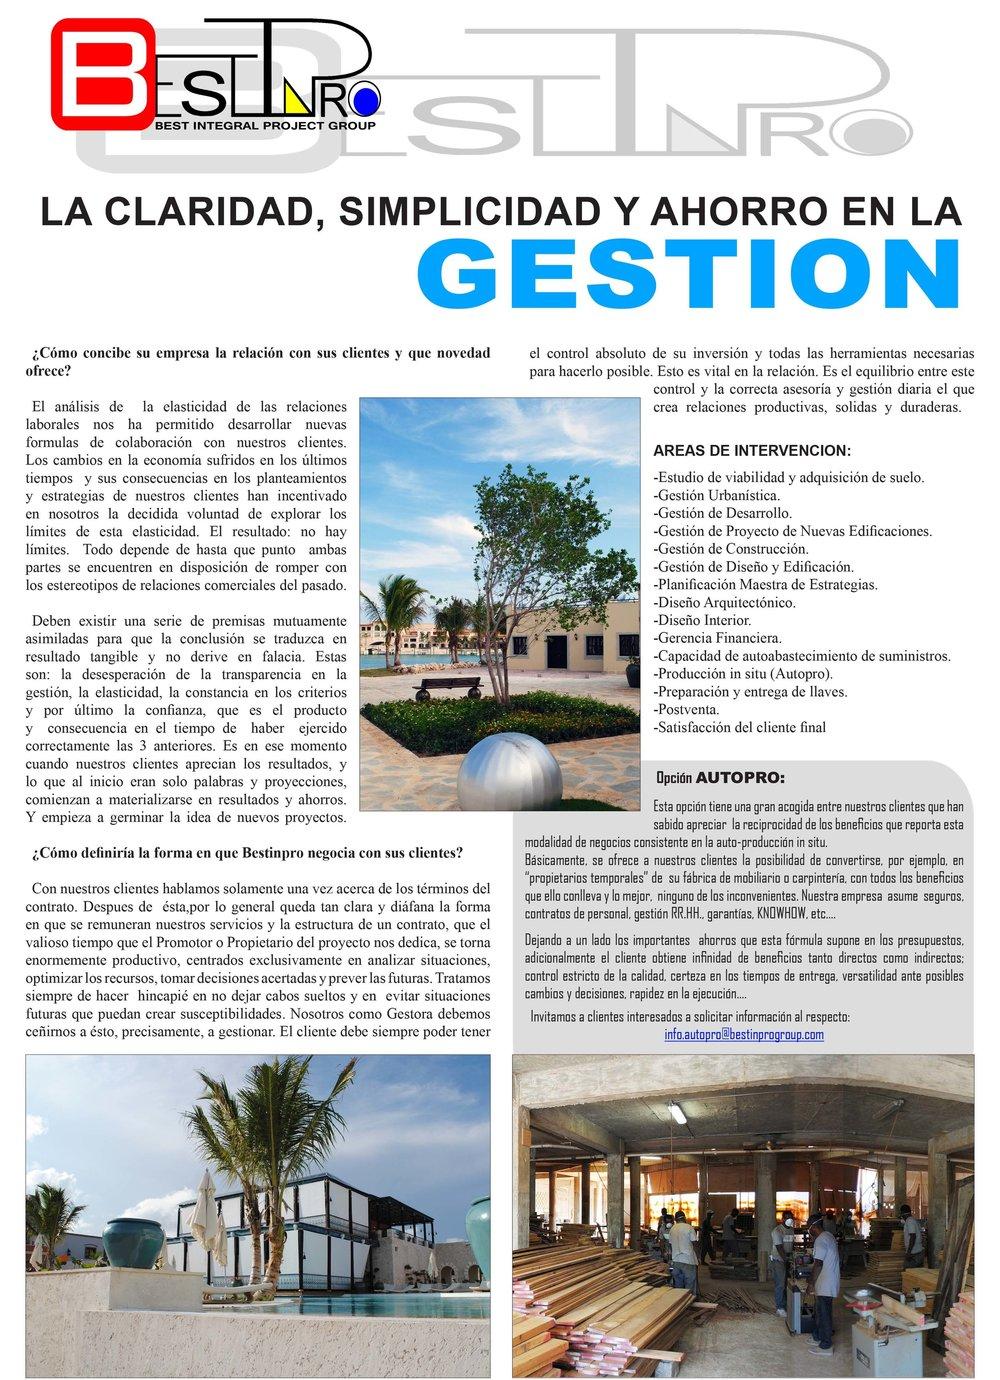 Septiembre 2011 – El Mercantil / Introducción a BESTINPRO en revista EL MERCANTIL por Sergio Hdez. Genoves